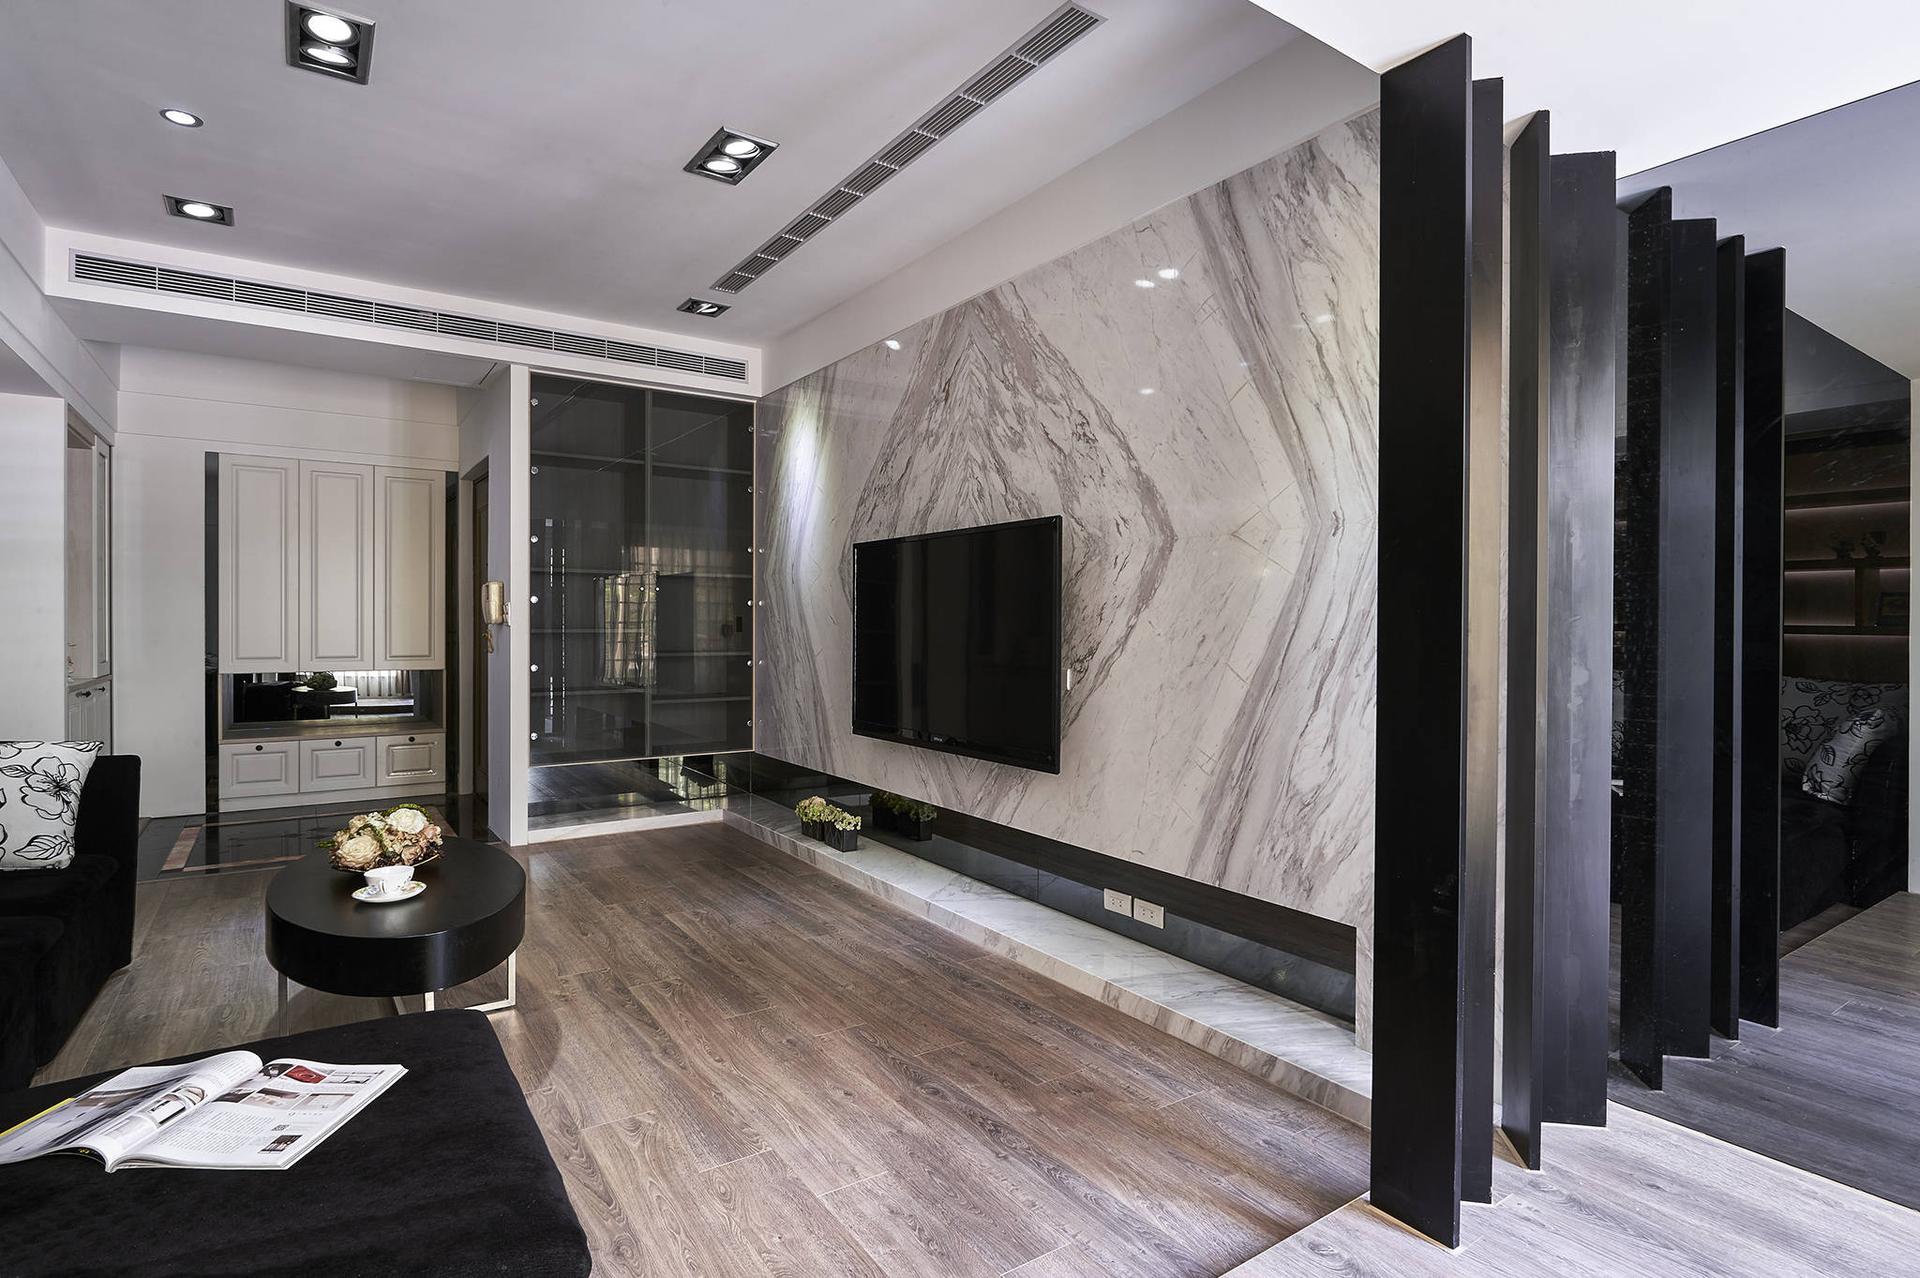 设计师展现深厚的美感涵养,在喧嚣的都会中创造一处心灵居所,并透过与屋主的沟通及观察,为这间拥有19年屋龄的老房子,重新创造源源不绝的生命力。其装修的重点,除了在水电管路部份全部淘汰换新,也将客厅及书房的尺度做调整,让完美的空间规划,串连起生活中每一个需求细节,带给屋主便利及满心欢愉。